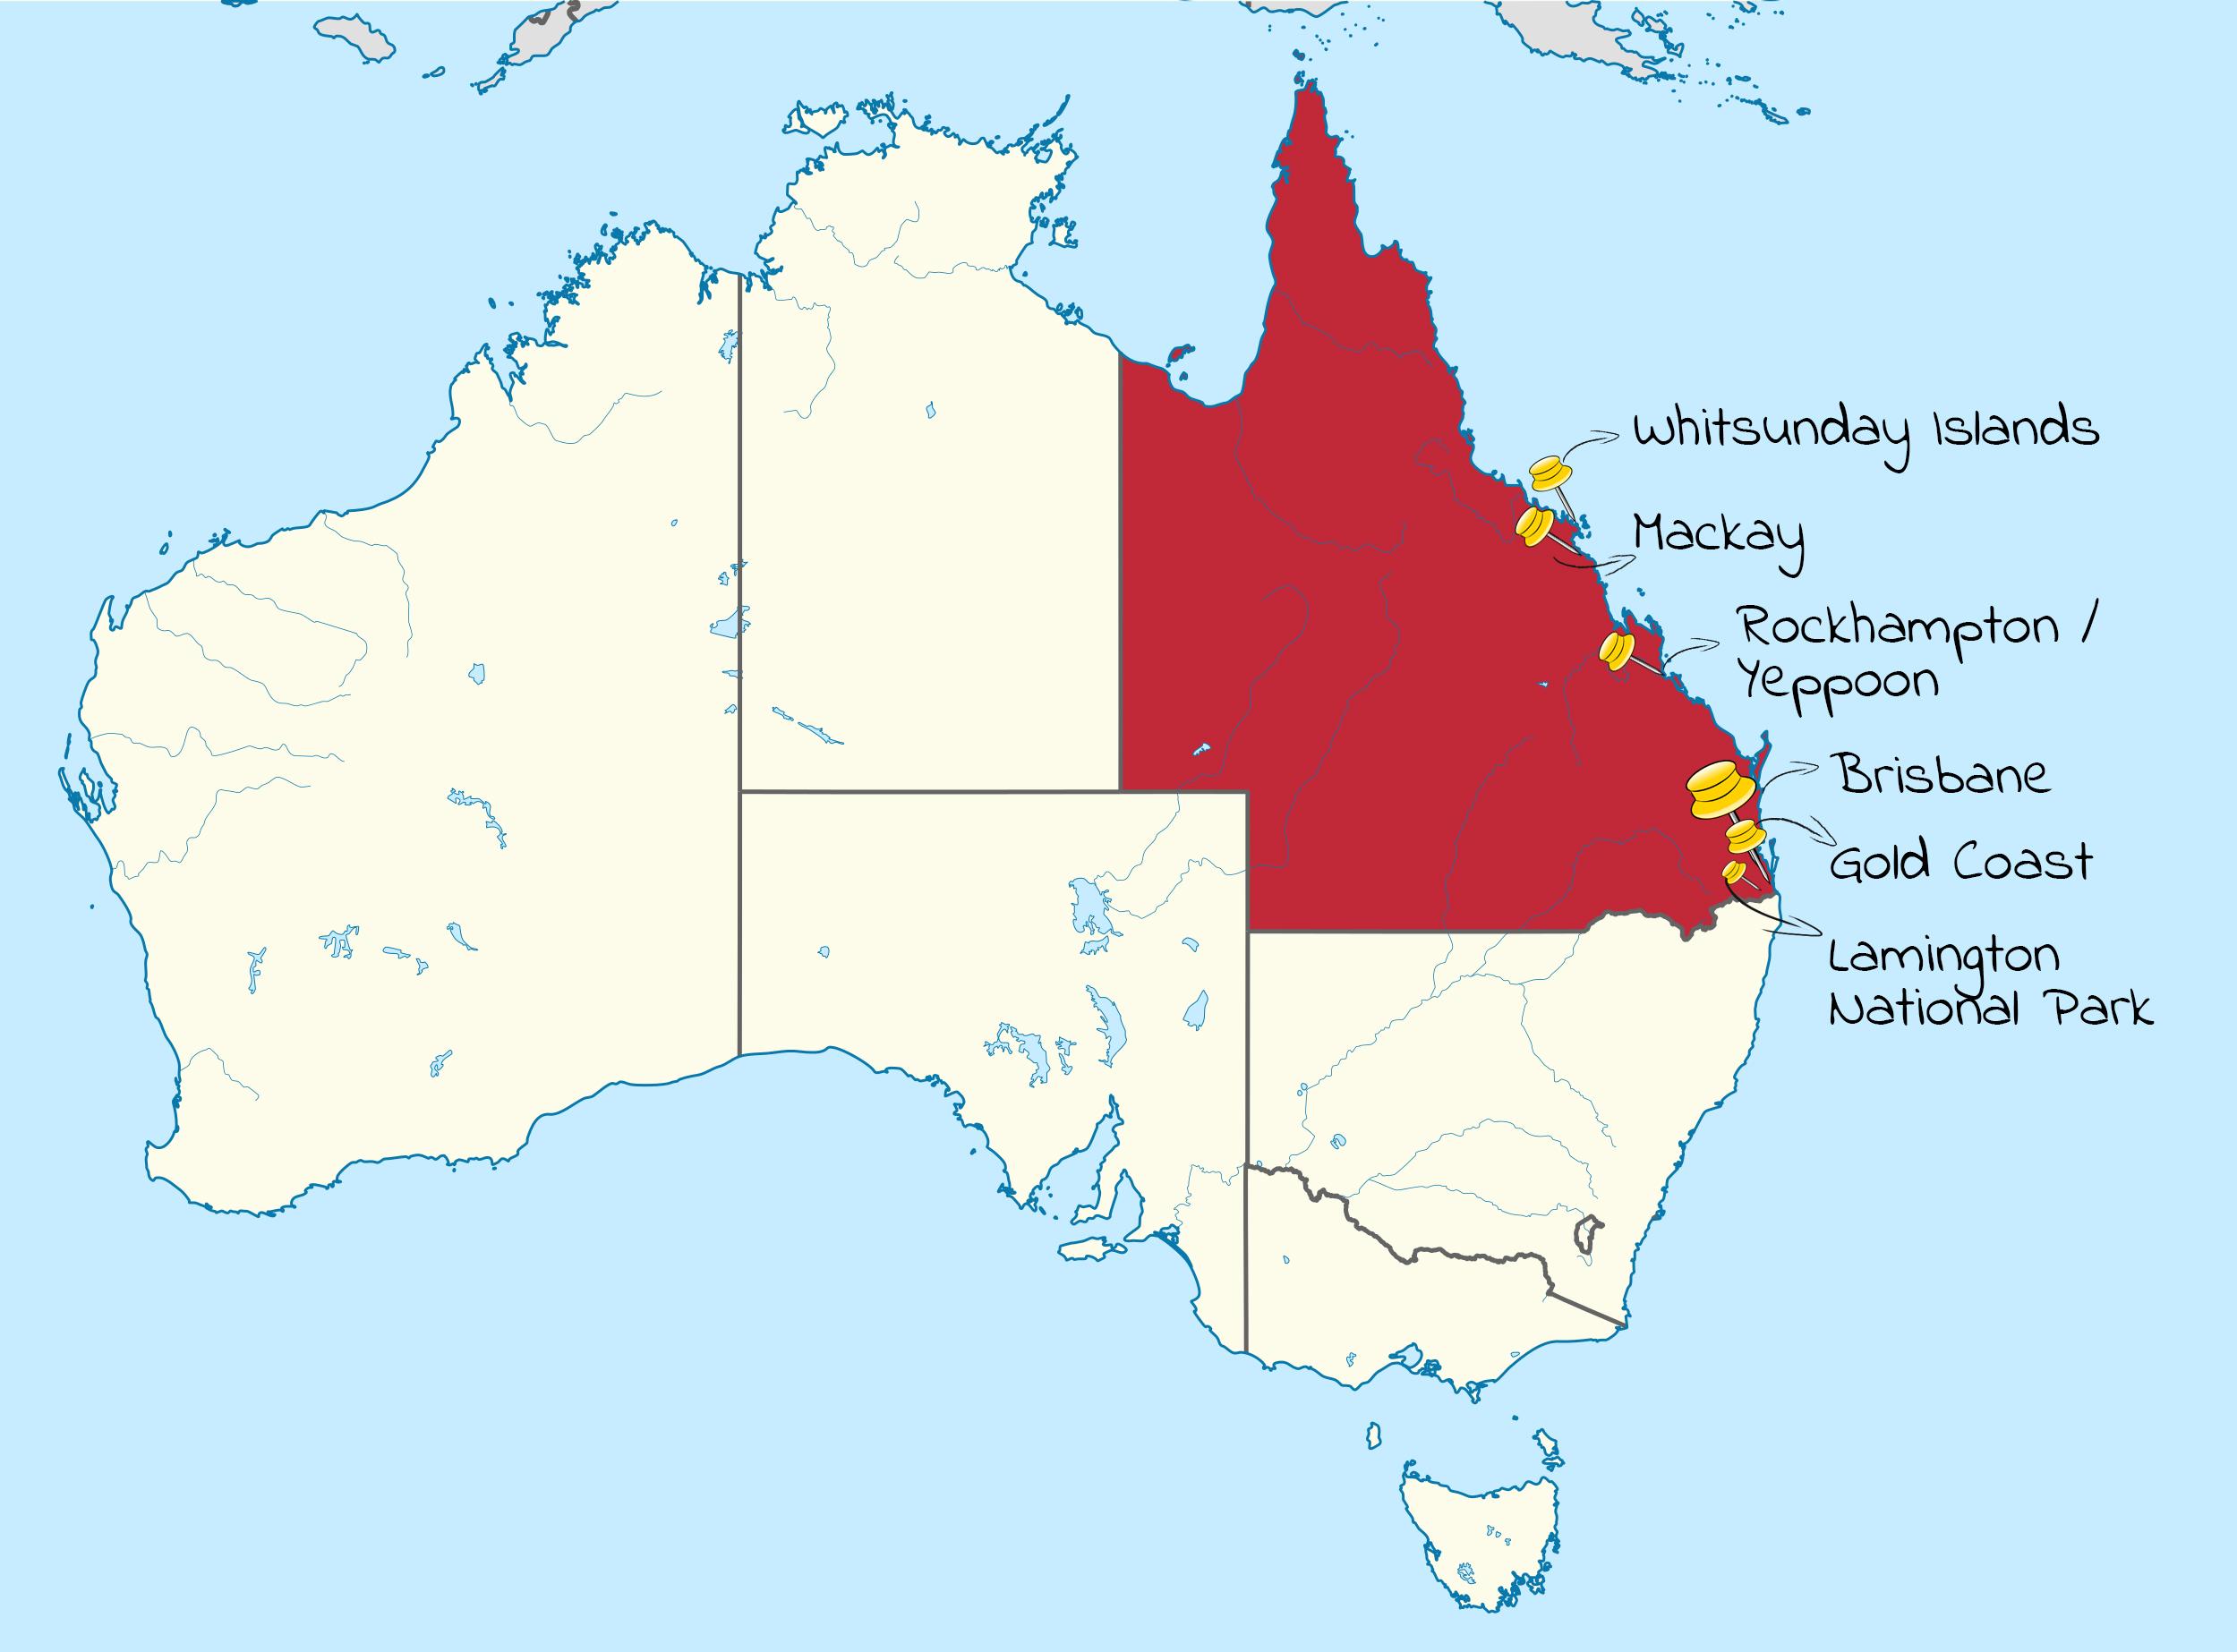 reis plannen australie route queensland